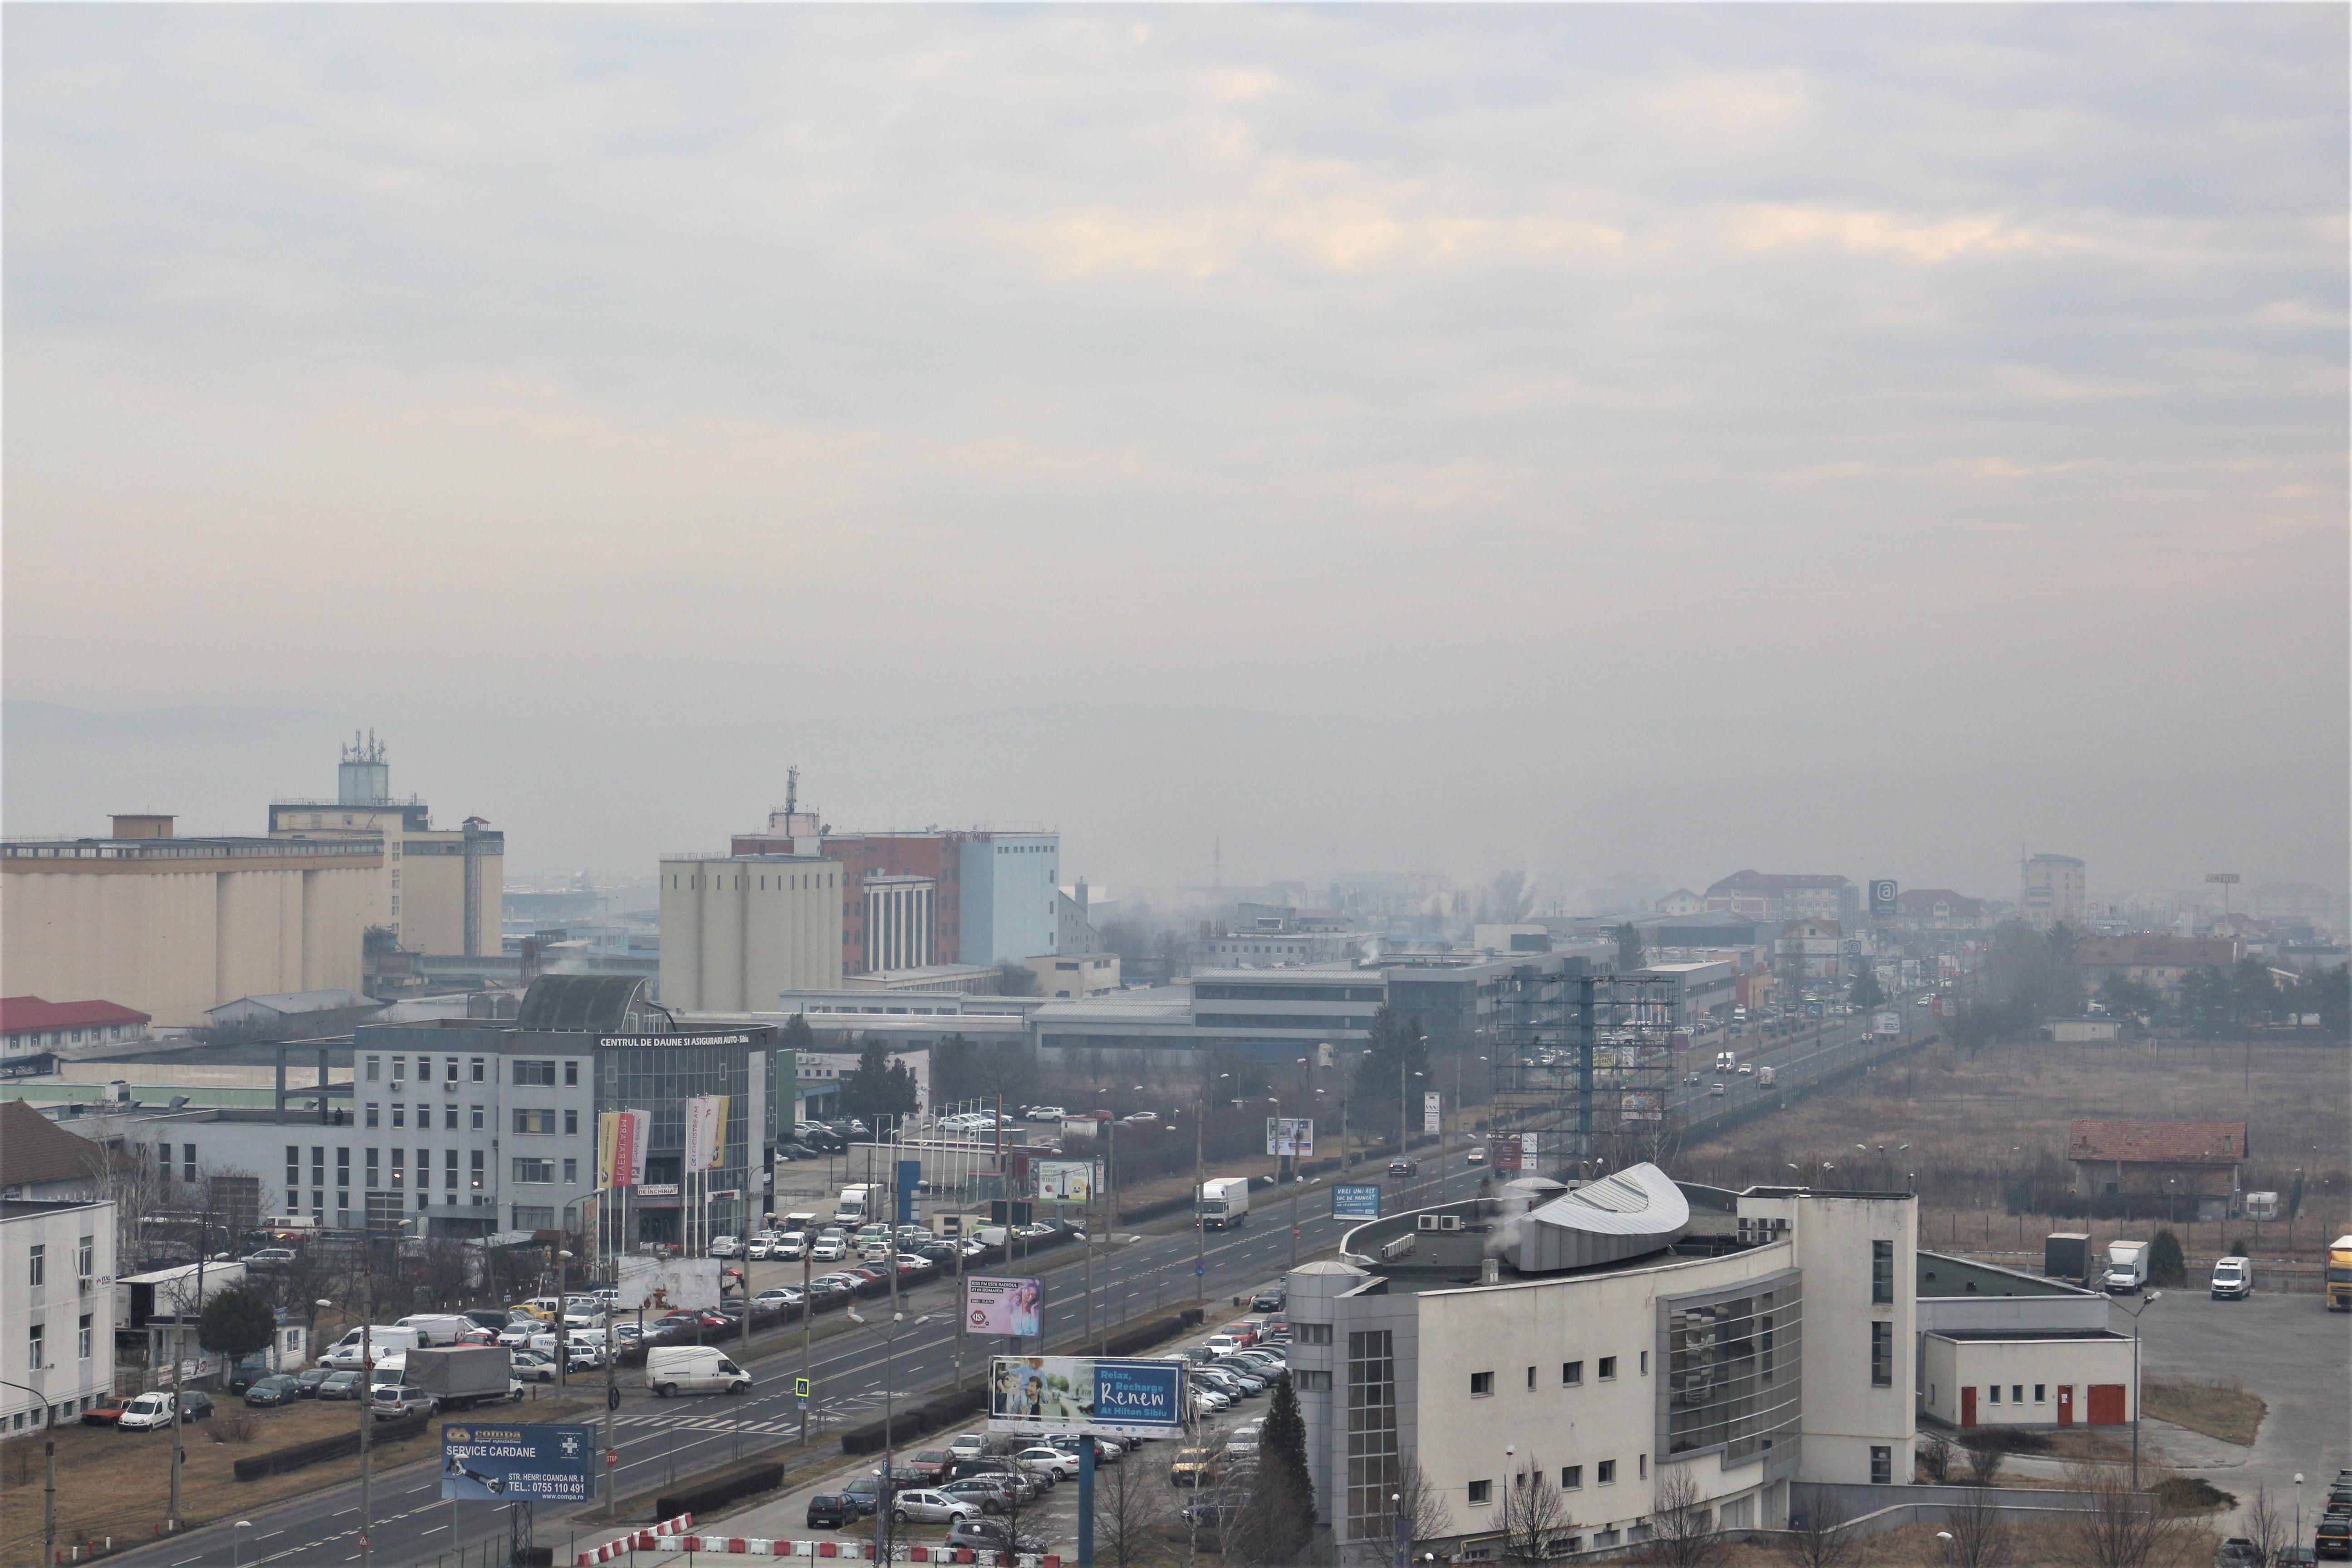 Consiliul Județean Sibiu invită cetățenii la o dezbatere publică privind centura de Sud a Sibiului